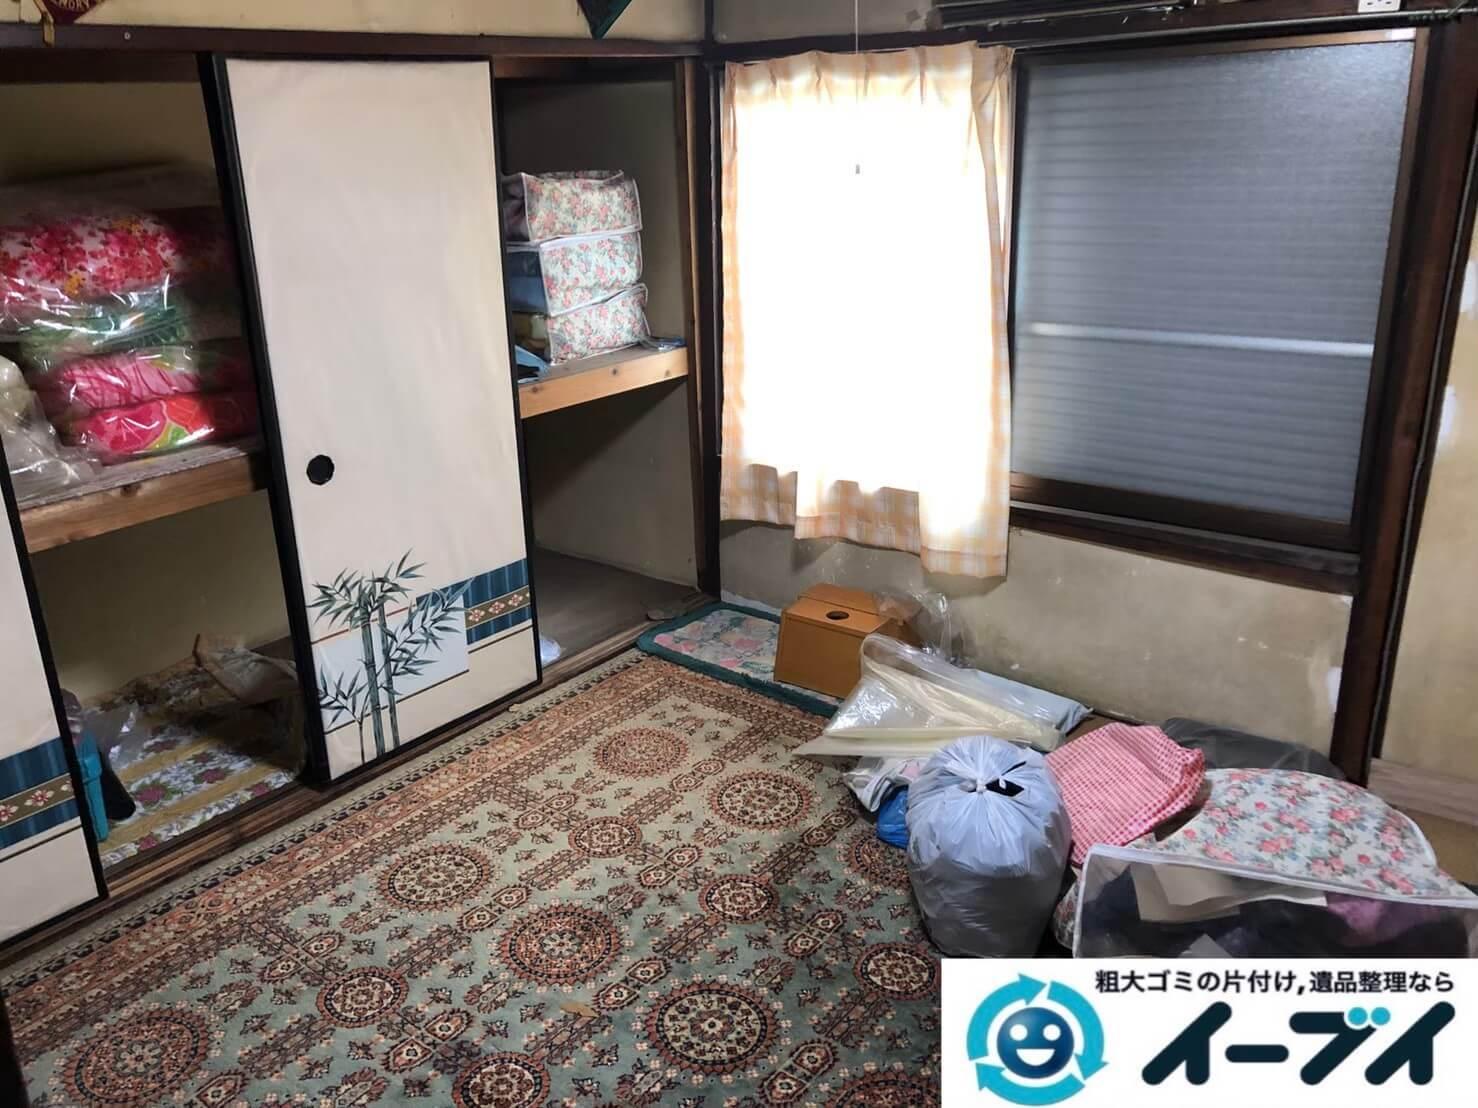 2020年9月16日大阪府大阪市鶴見区で長年住んだお家の家財道具の不用品回収。写真4